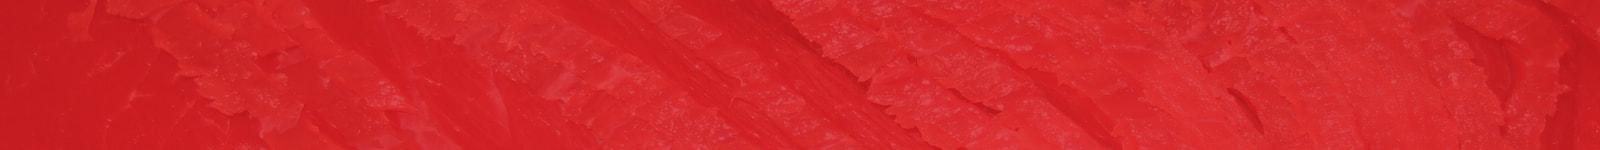 industrial meat slicers